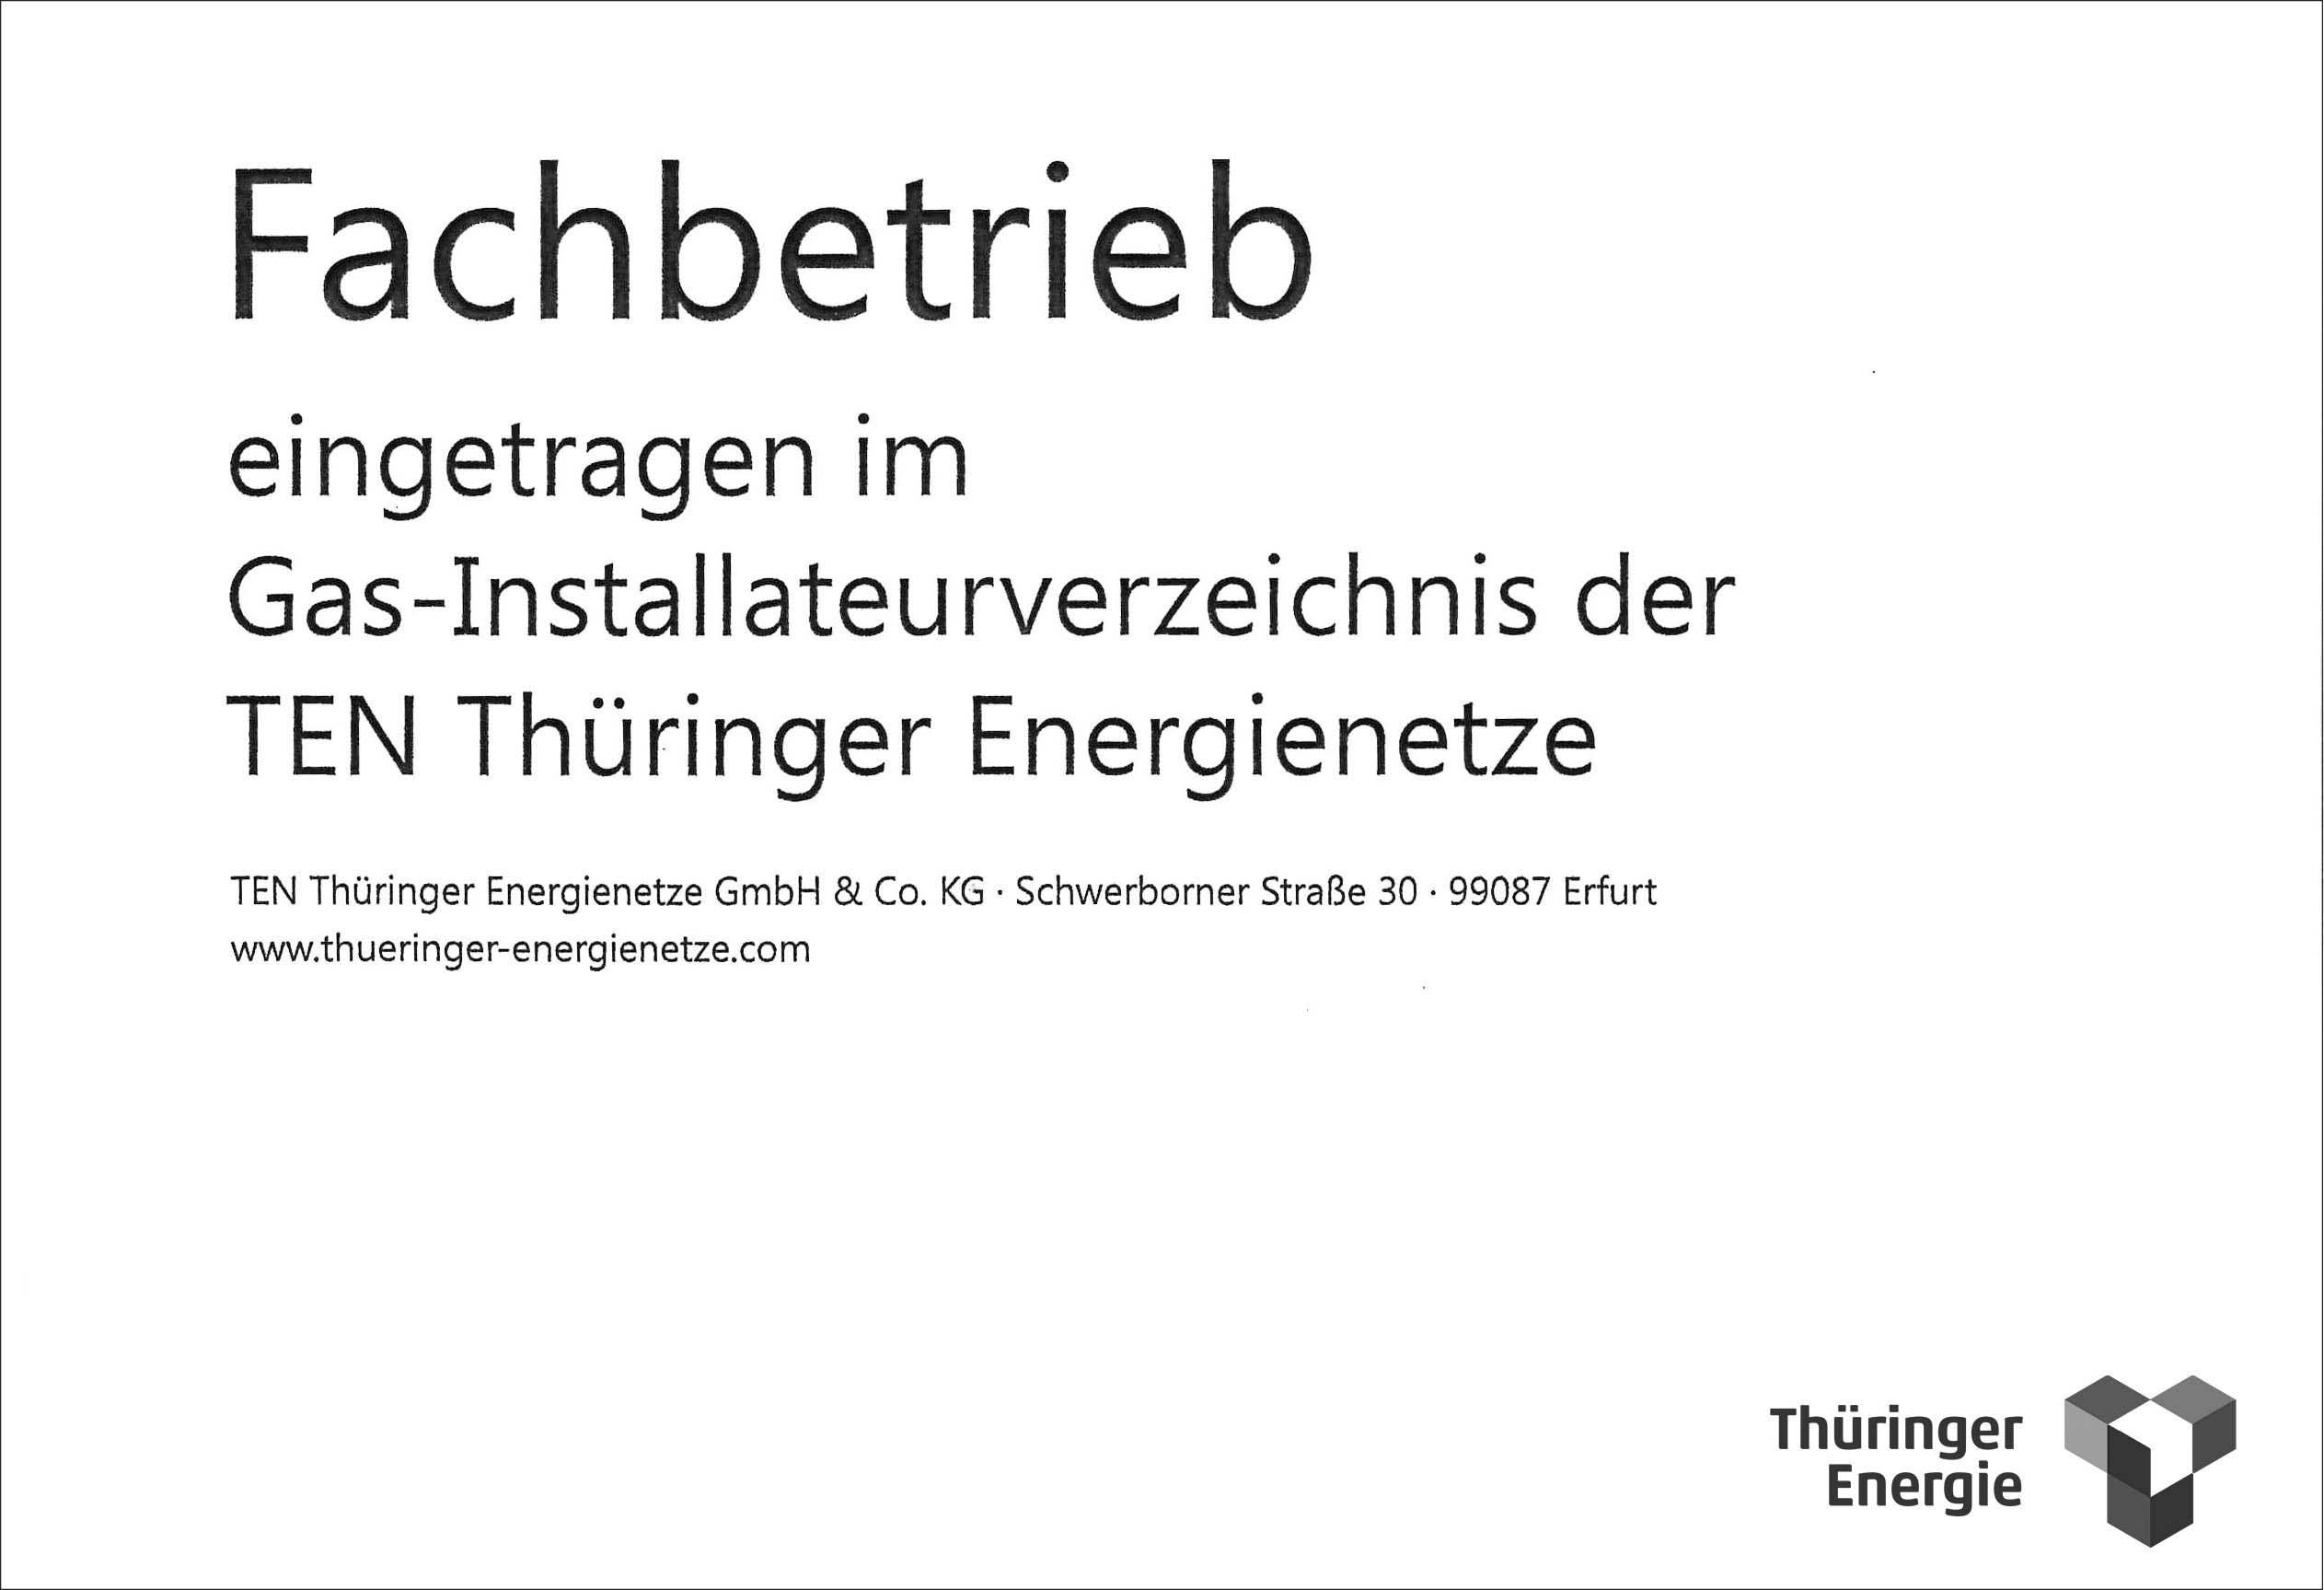 Eingetragener Fachbetrieb im Gas- und Installateurverzeichnis der TEN Thüringer Energienetze